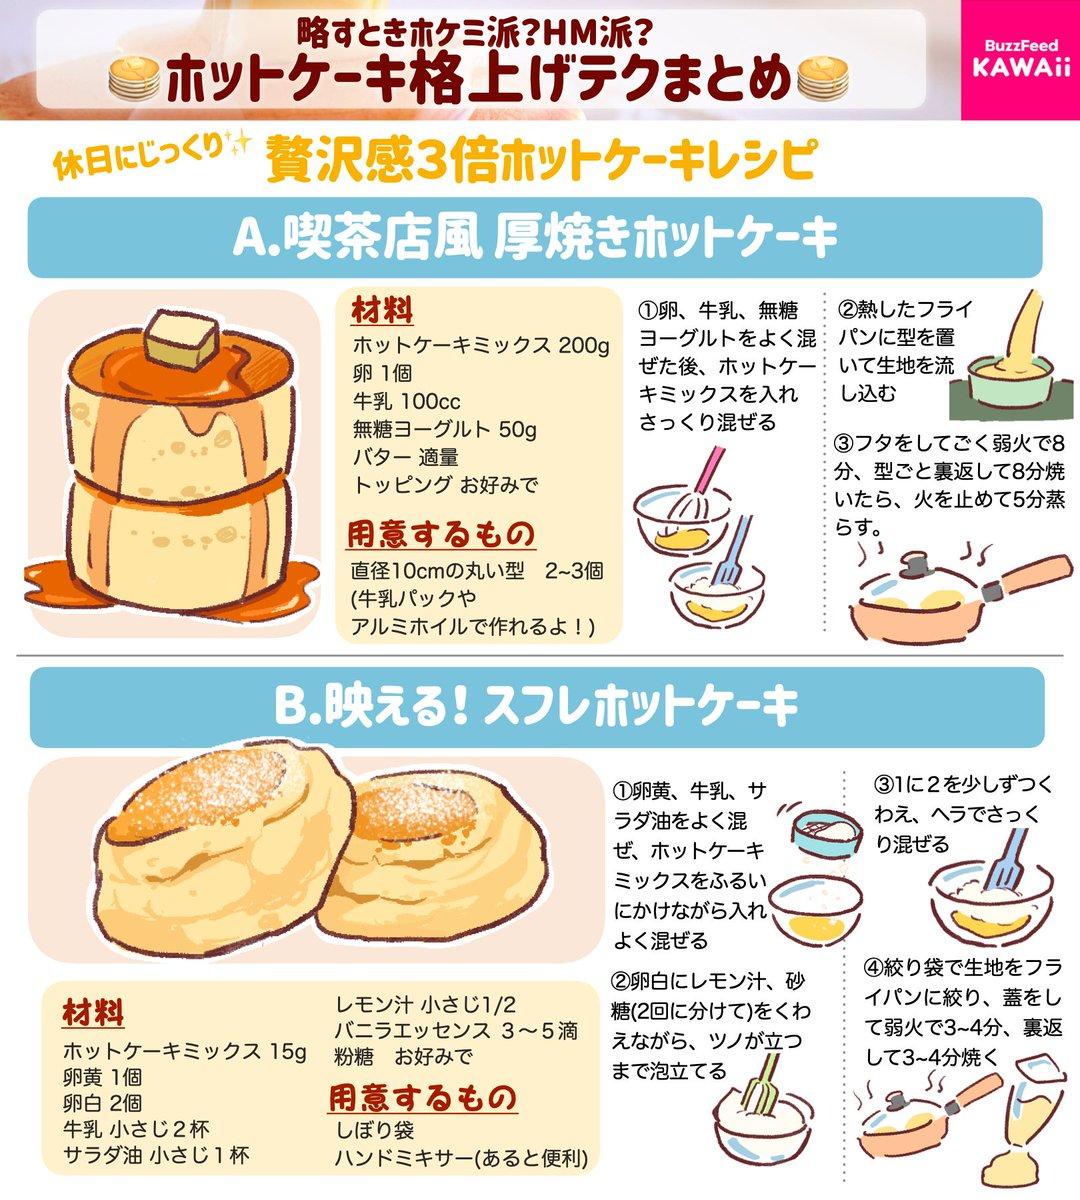 ホットケーキ好きさん必見!2種類のホットケーキレシピ&ホットケーキを美味しく作るテクニック!